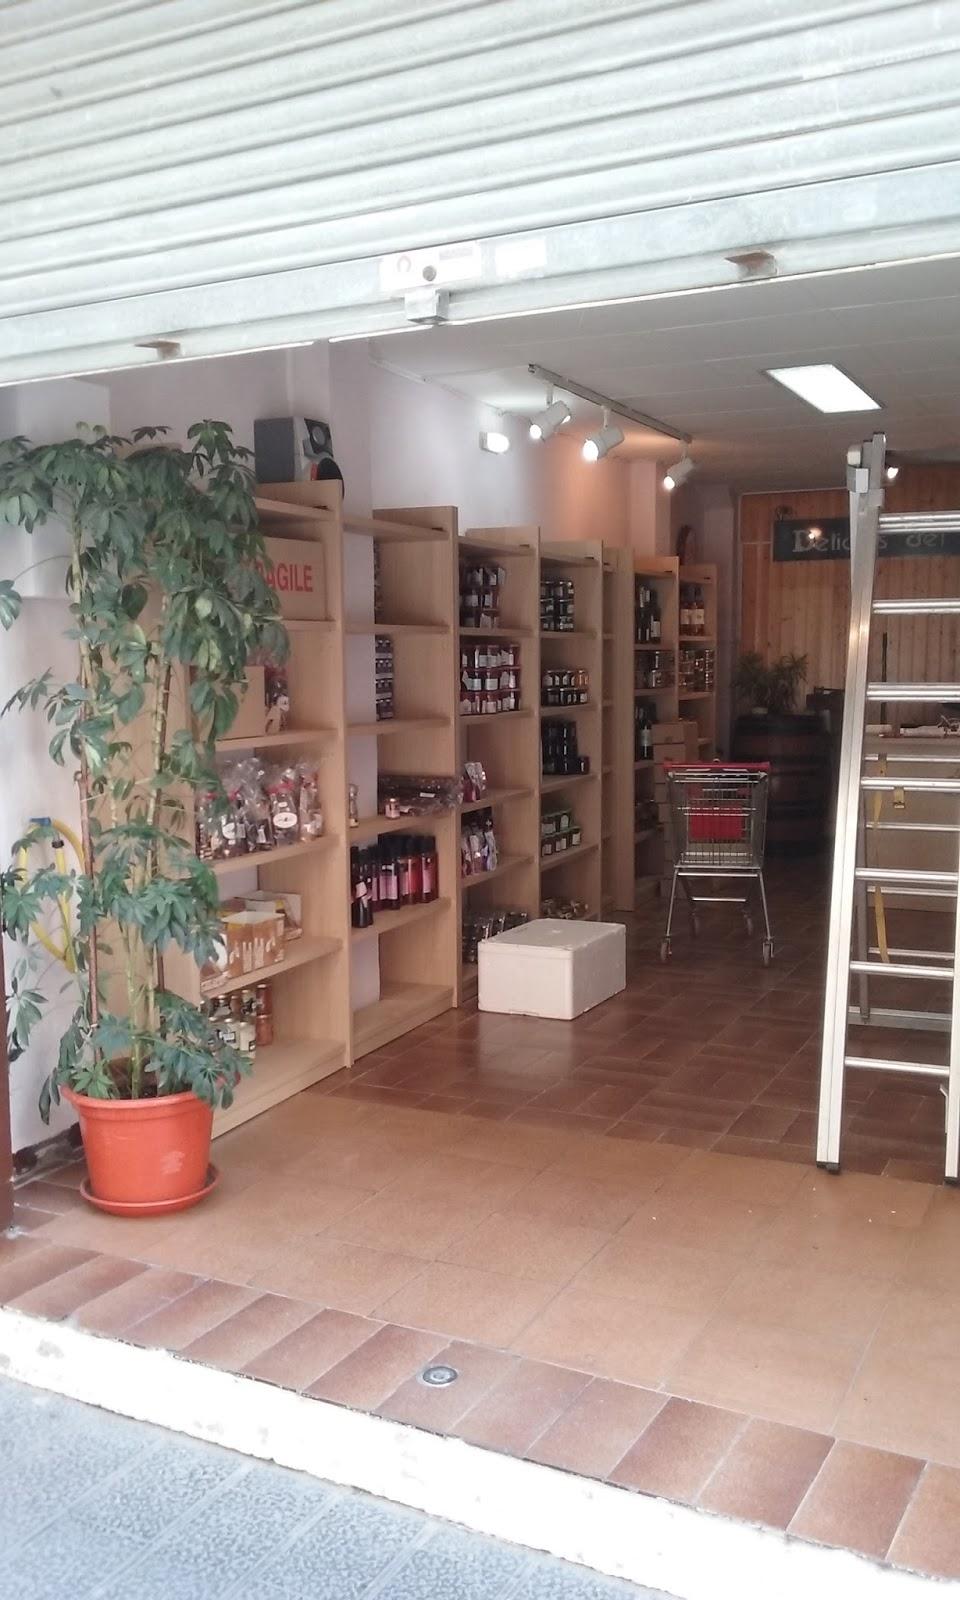 quel magasin ouvert aujourd hui ouvert aujourduhui de. Black Bedroom Furniture Sets. Home Design Ideas